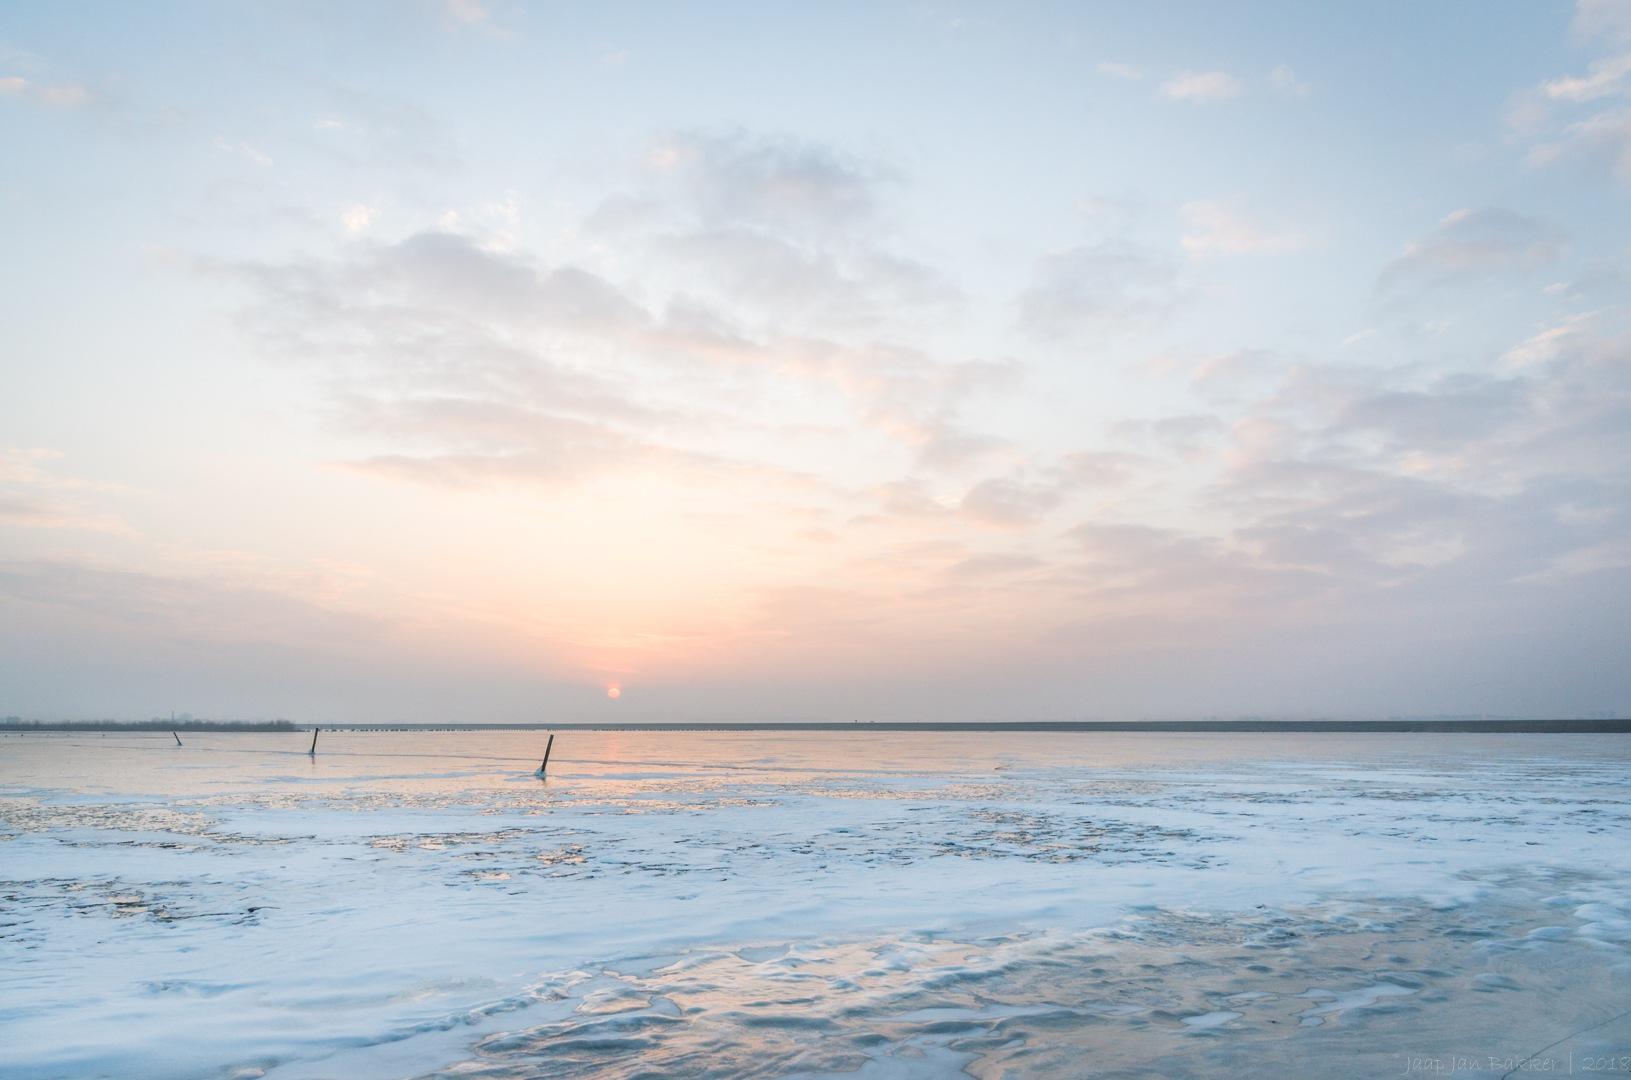 Sunrise by Jaap Jan Bakker